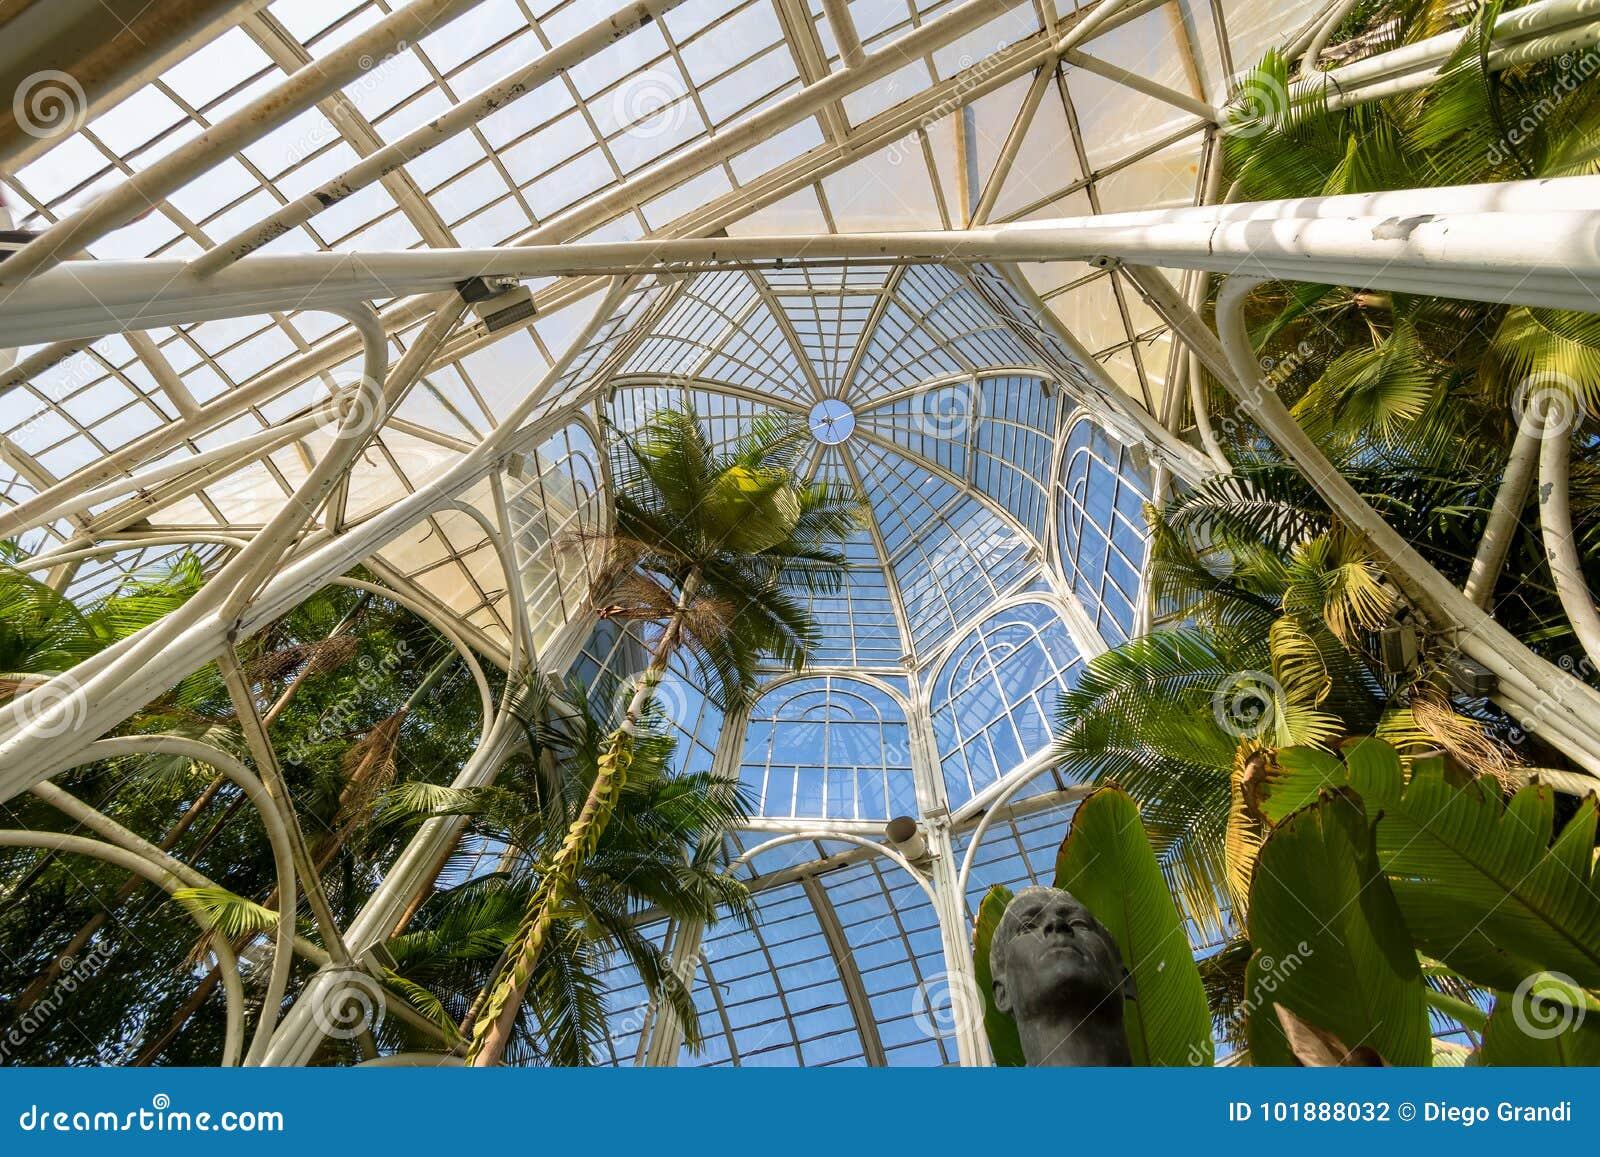 Intérieur De Serre Chaude Au Jardin Botanique De Curitiba ...